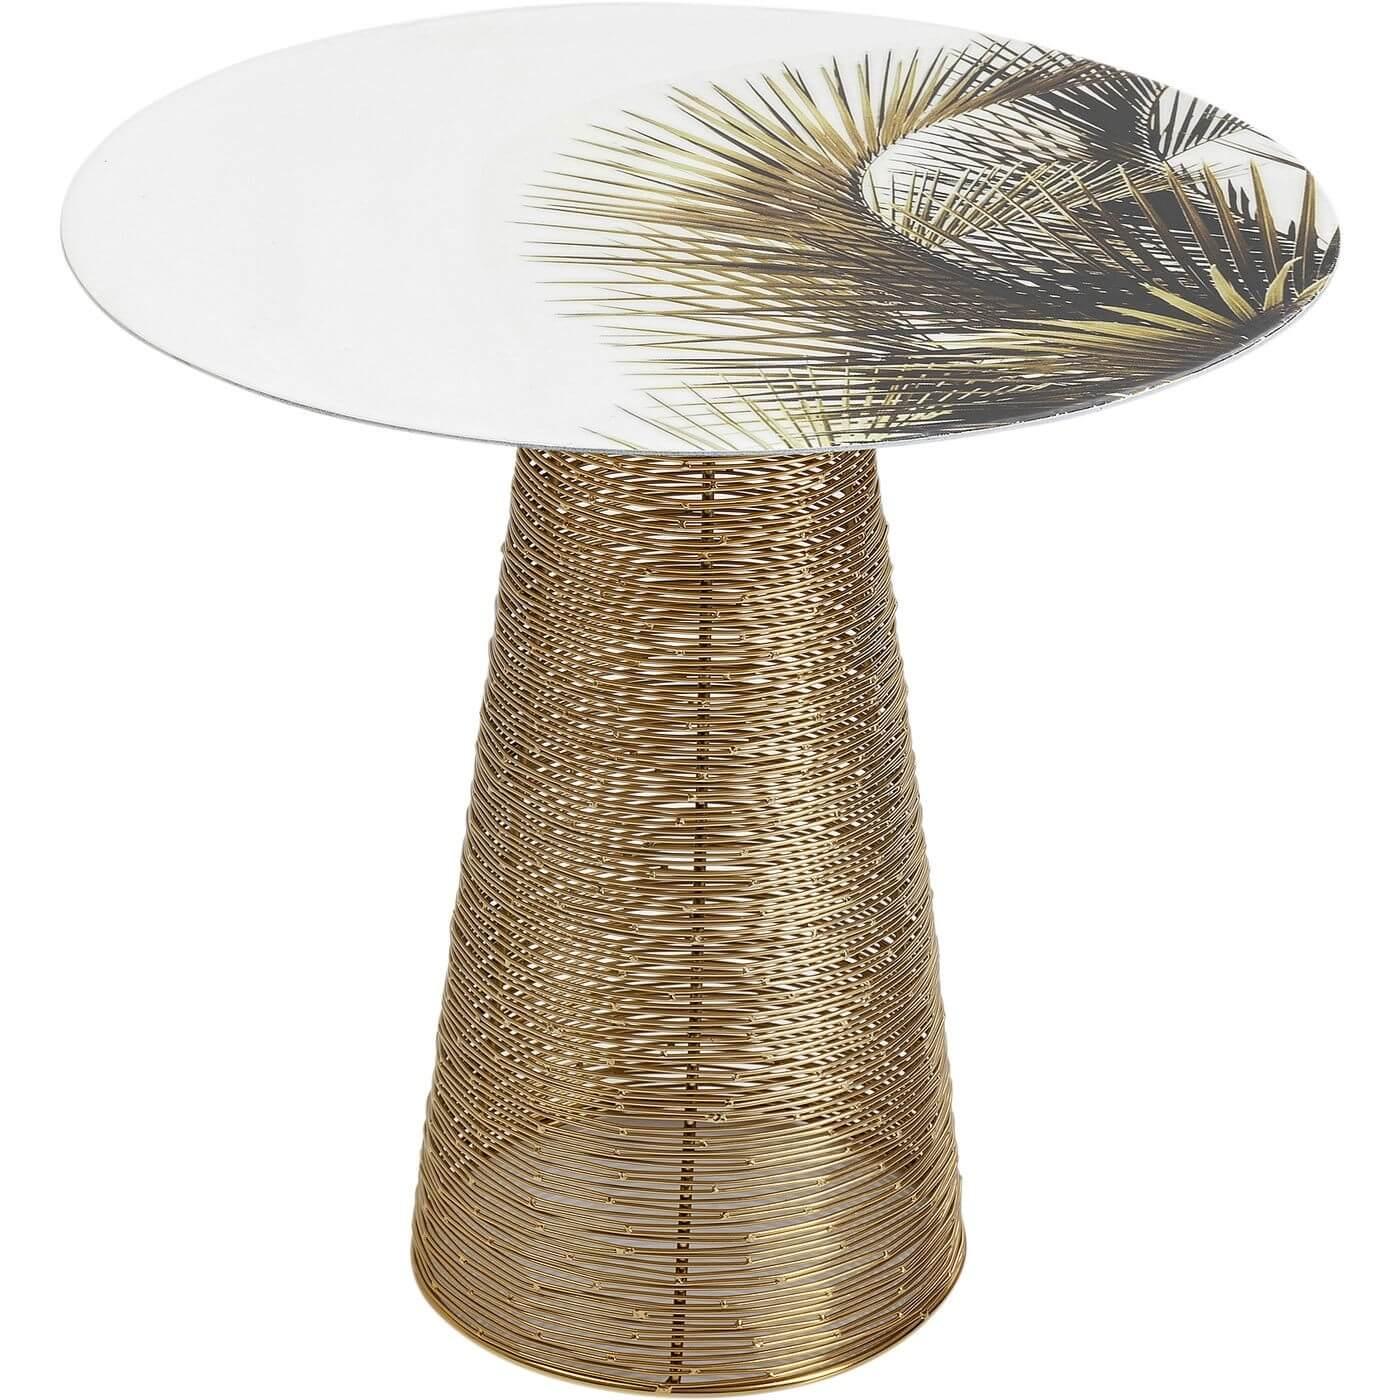 KARE DESIGN rundt Charme Palm sidebord - emaljeret stål m. palmemotiv og messingbelagt stål (Ø 40)